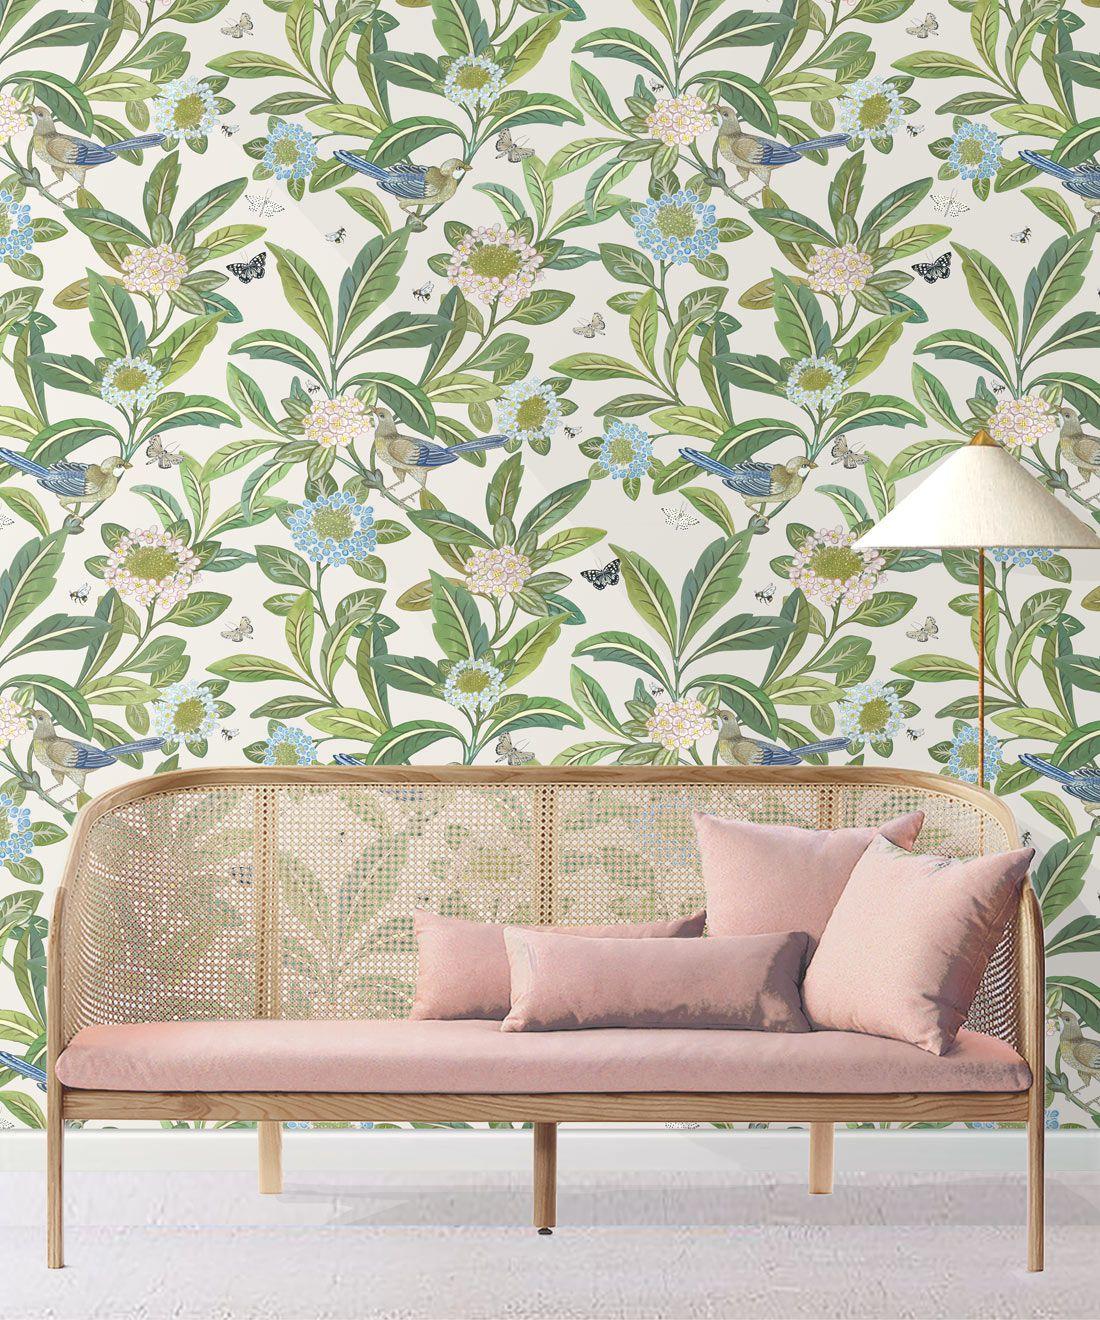 Summer Garden Wallpaper • Ivory Wallpaper • Floral Wallpaper Insitu